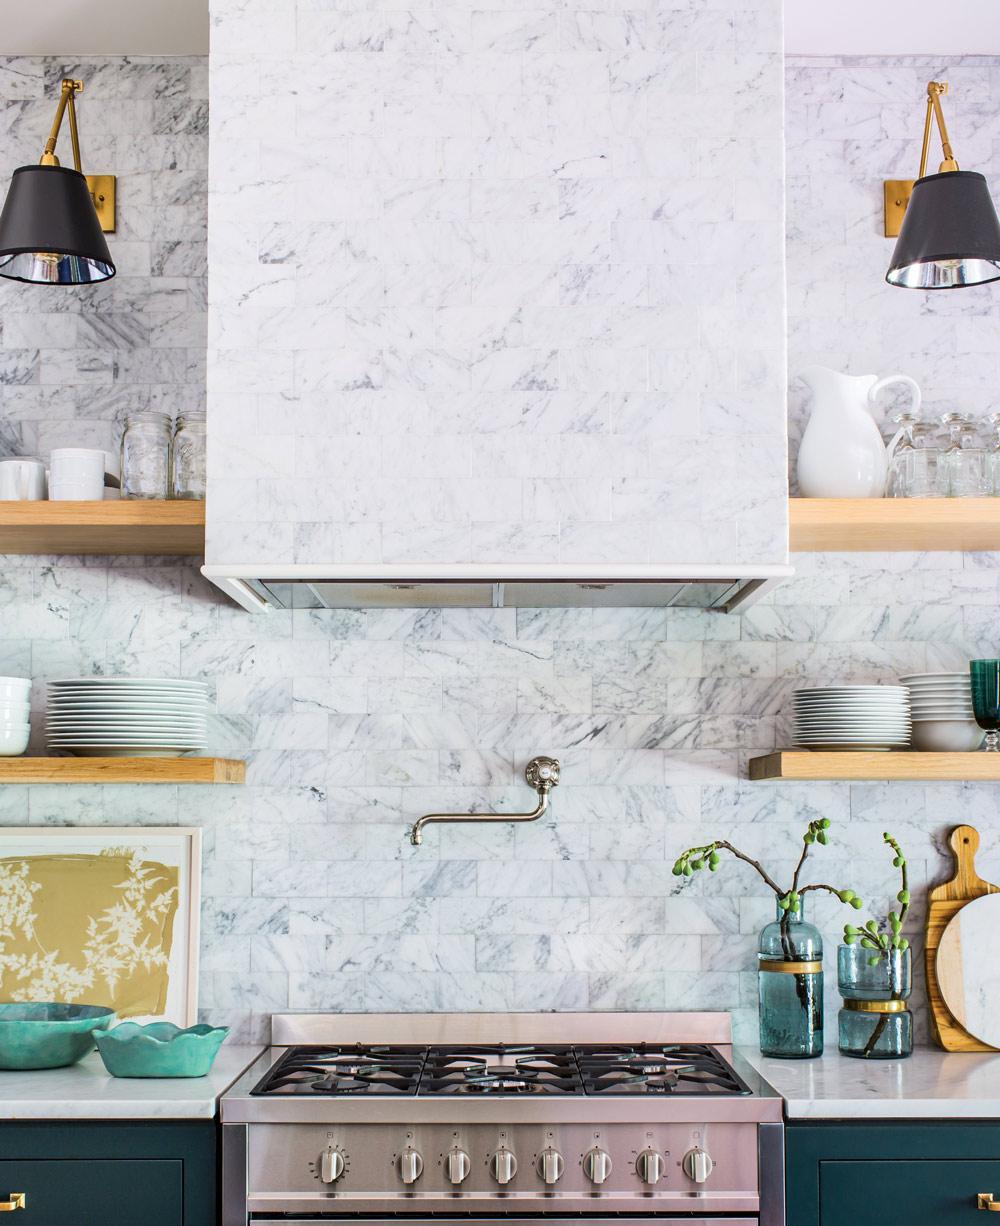 Kitchen bath renovation